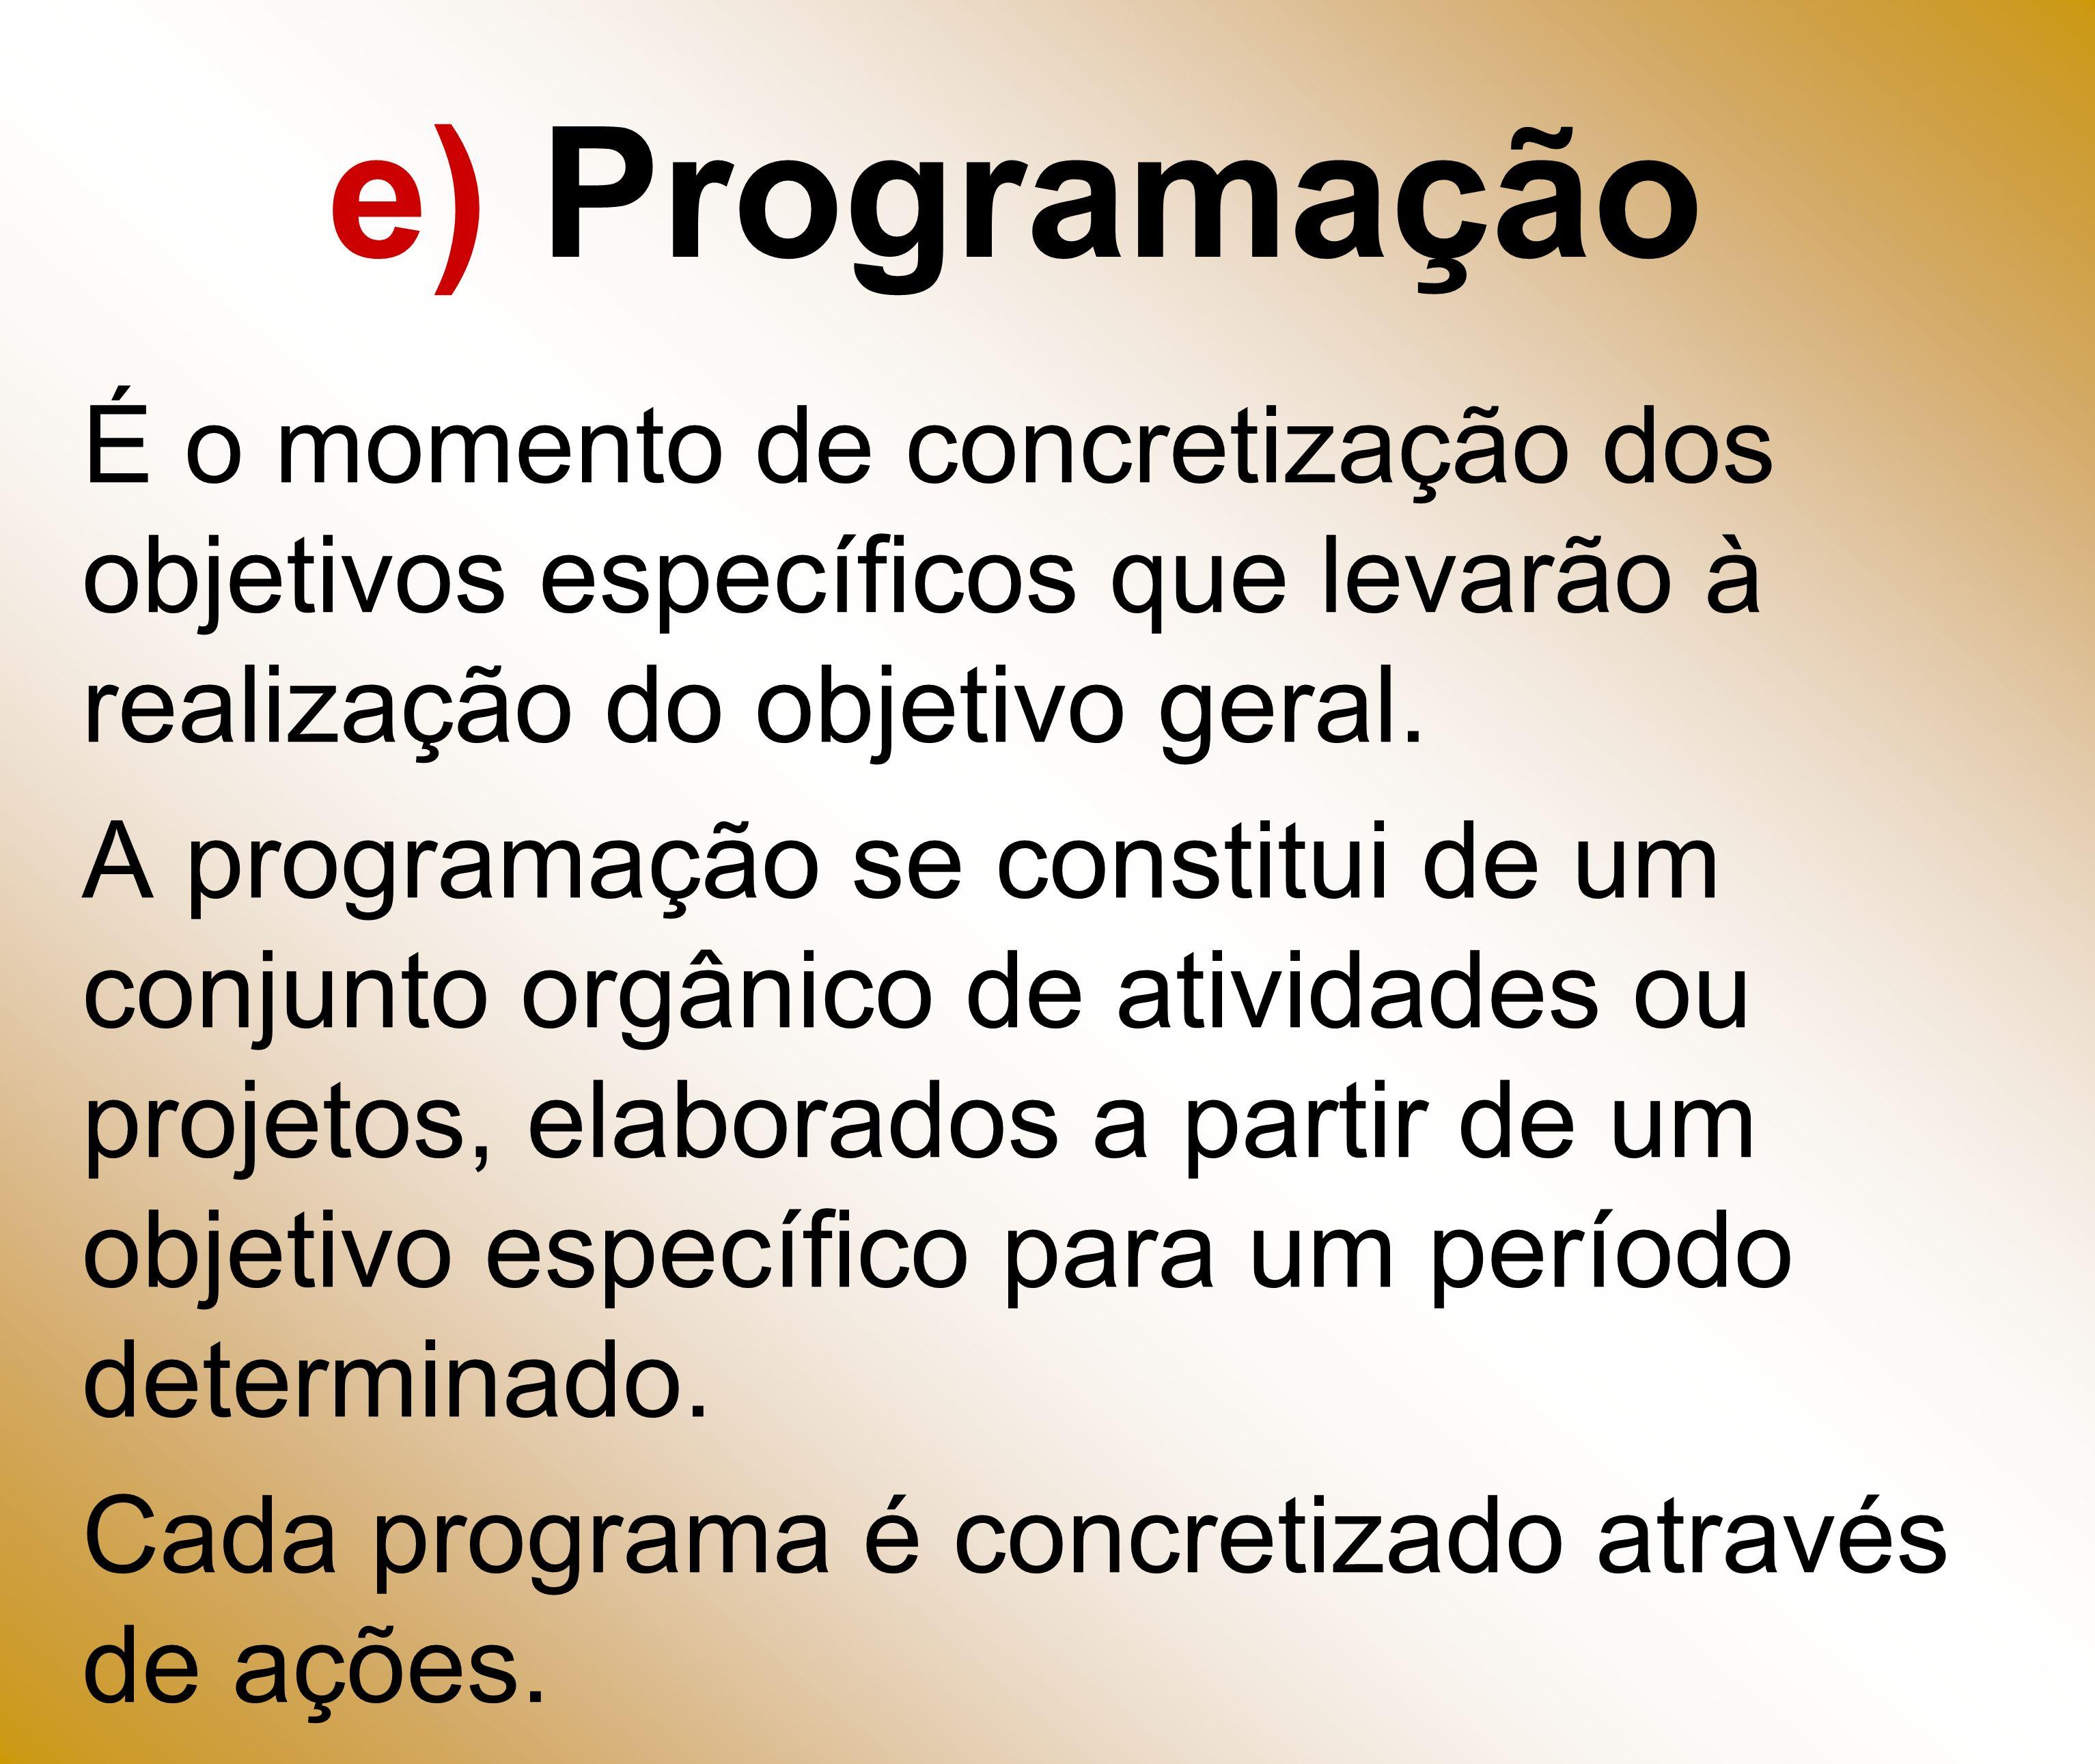 e) Programação É o momento de concretização dos objetivos específicos que levarão à realização do objetivo geral.